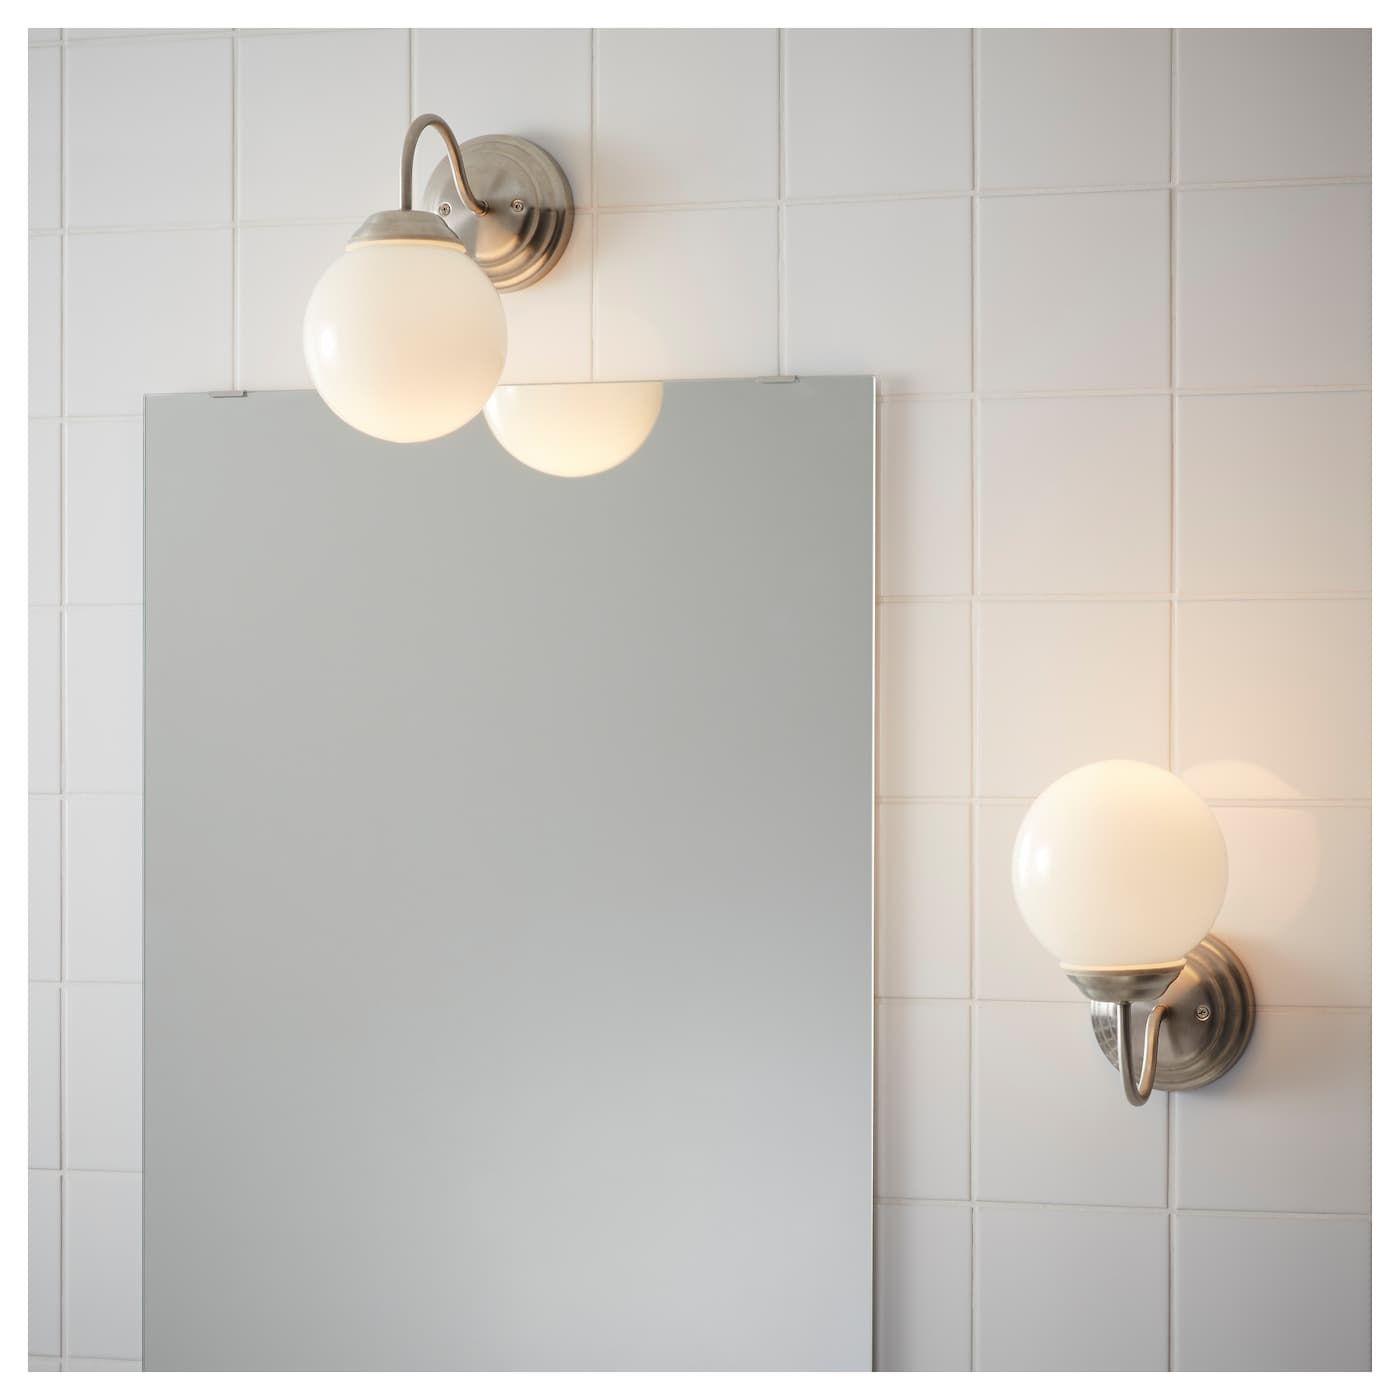 Möbel & Einrichtungsideen für jedes Zuhause   Vägglampa